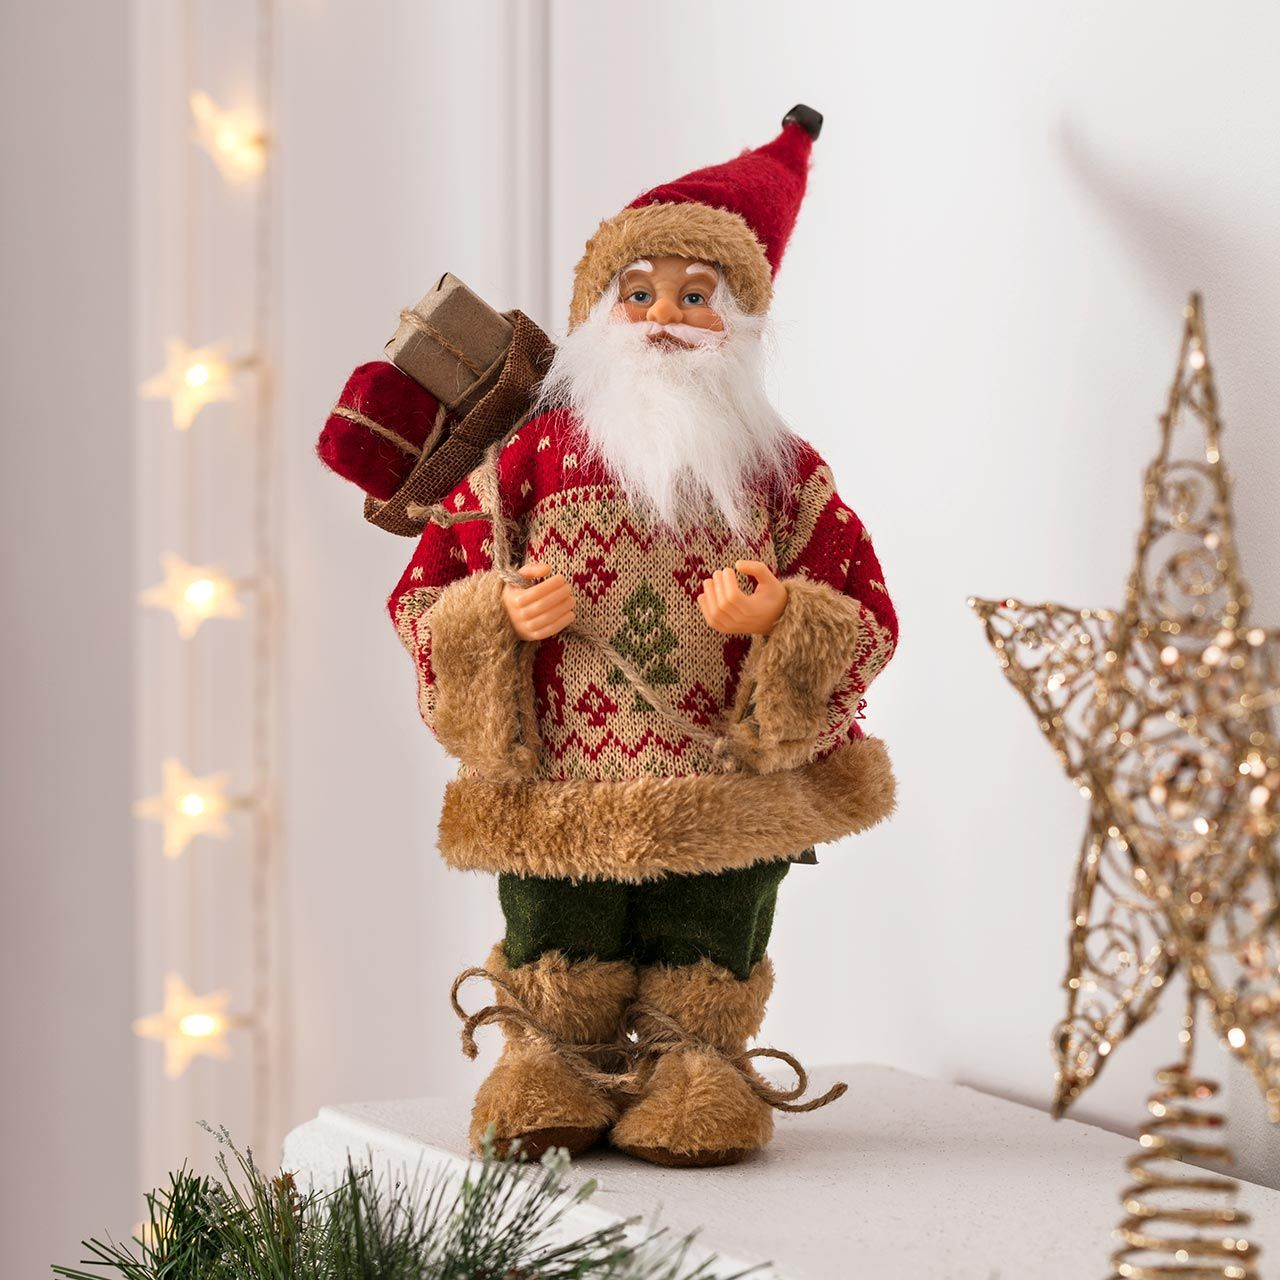 Décoration de Noël traditionnelle par Leroy Merlin